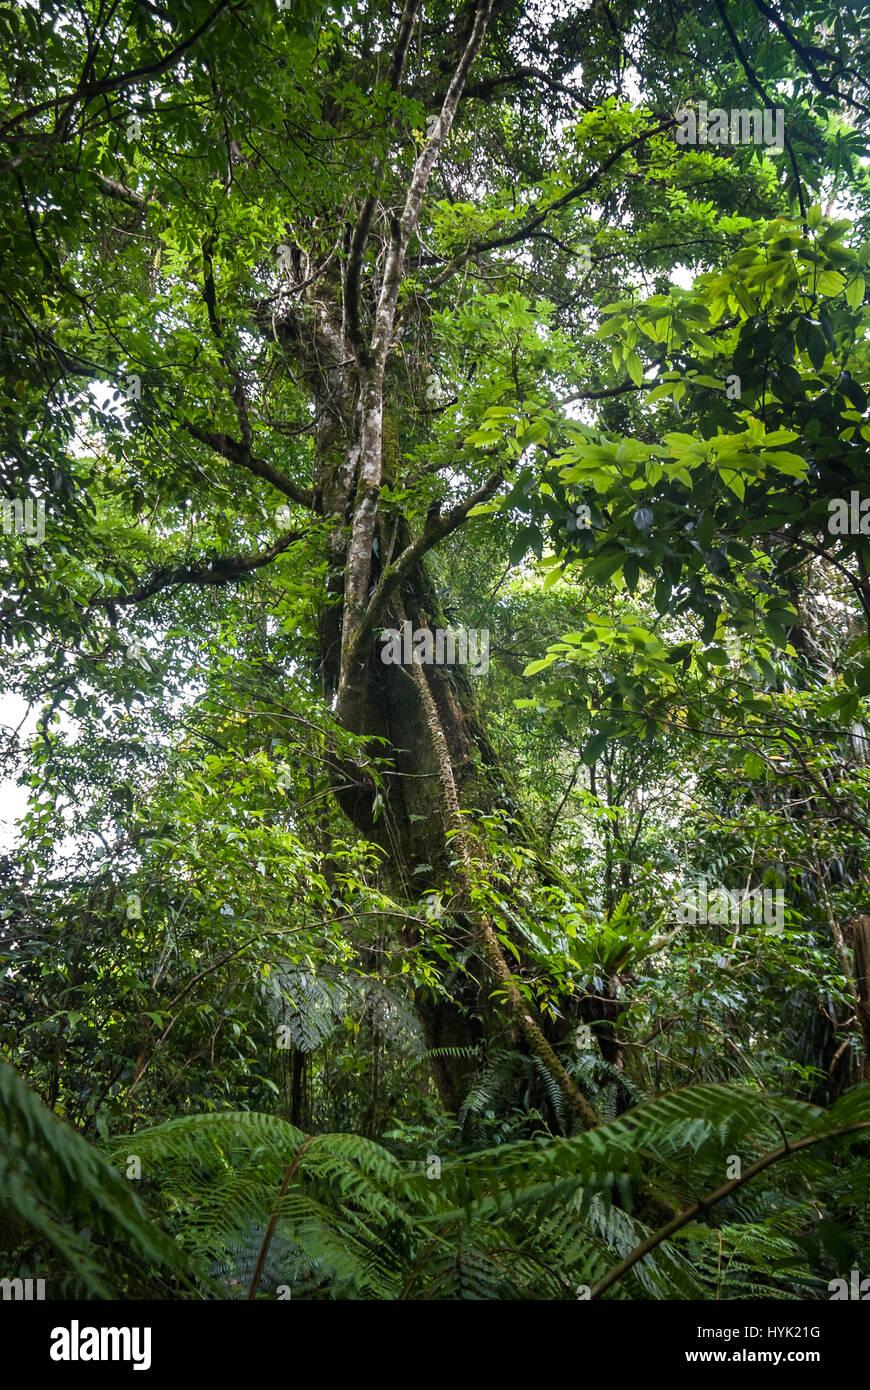 Ein großer Baum in Sub-montane, tropischen Regenwald. Stockbild